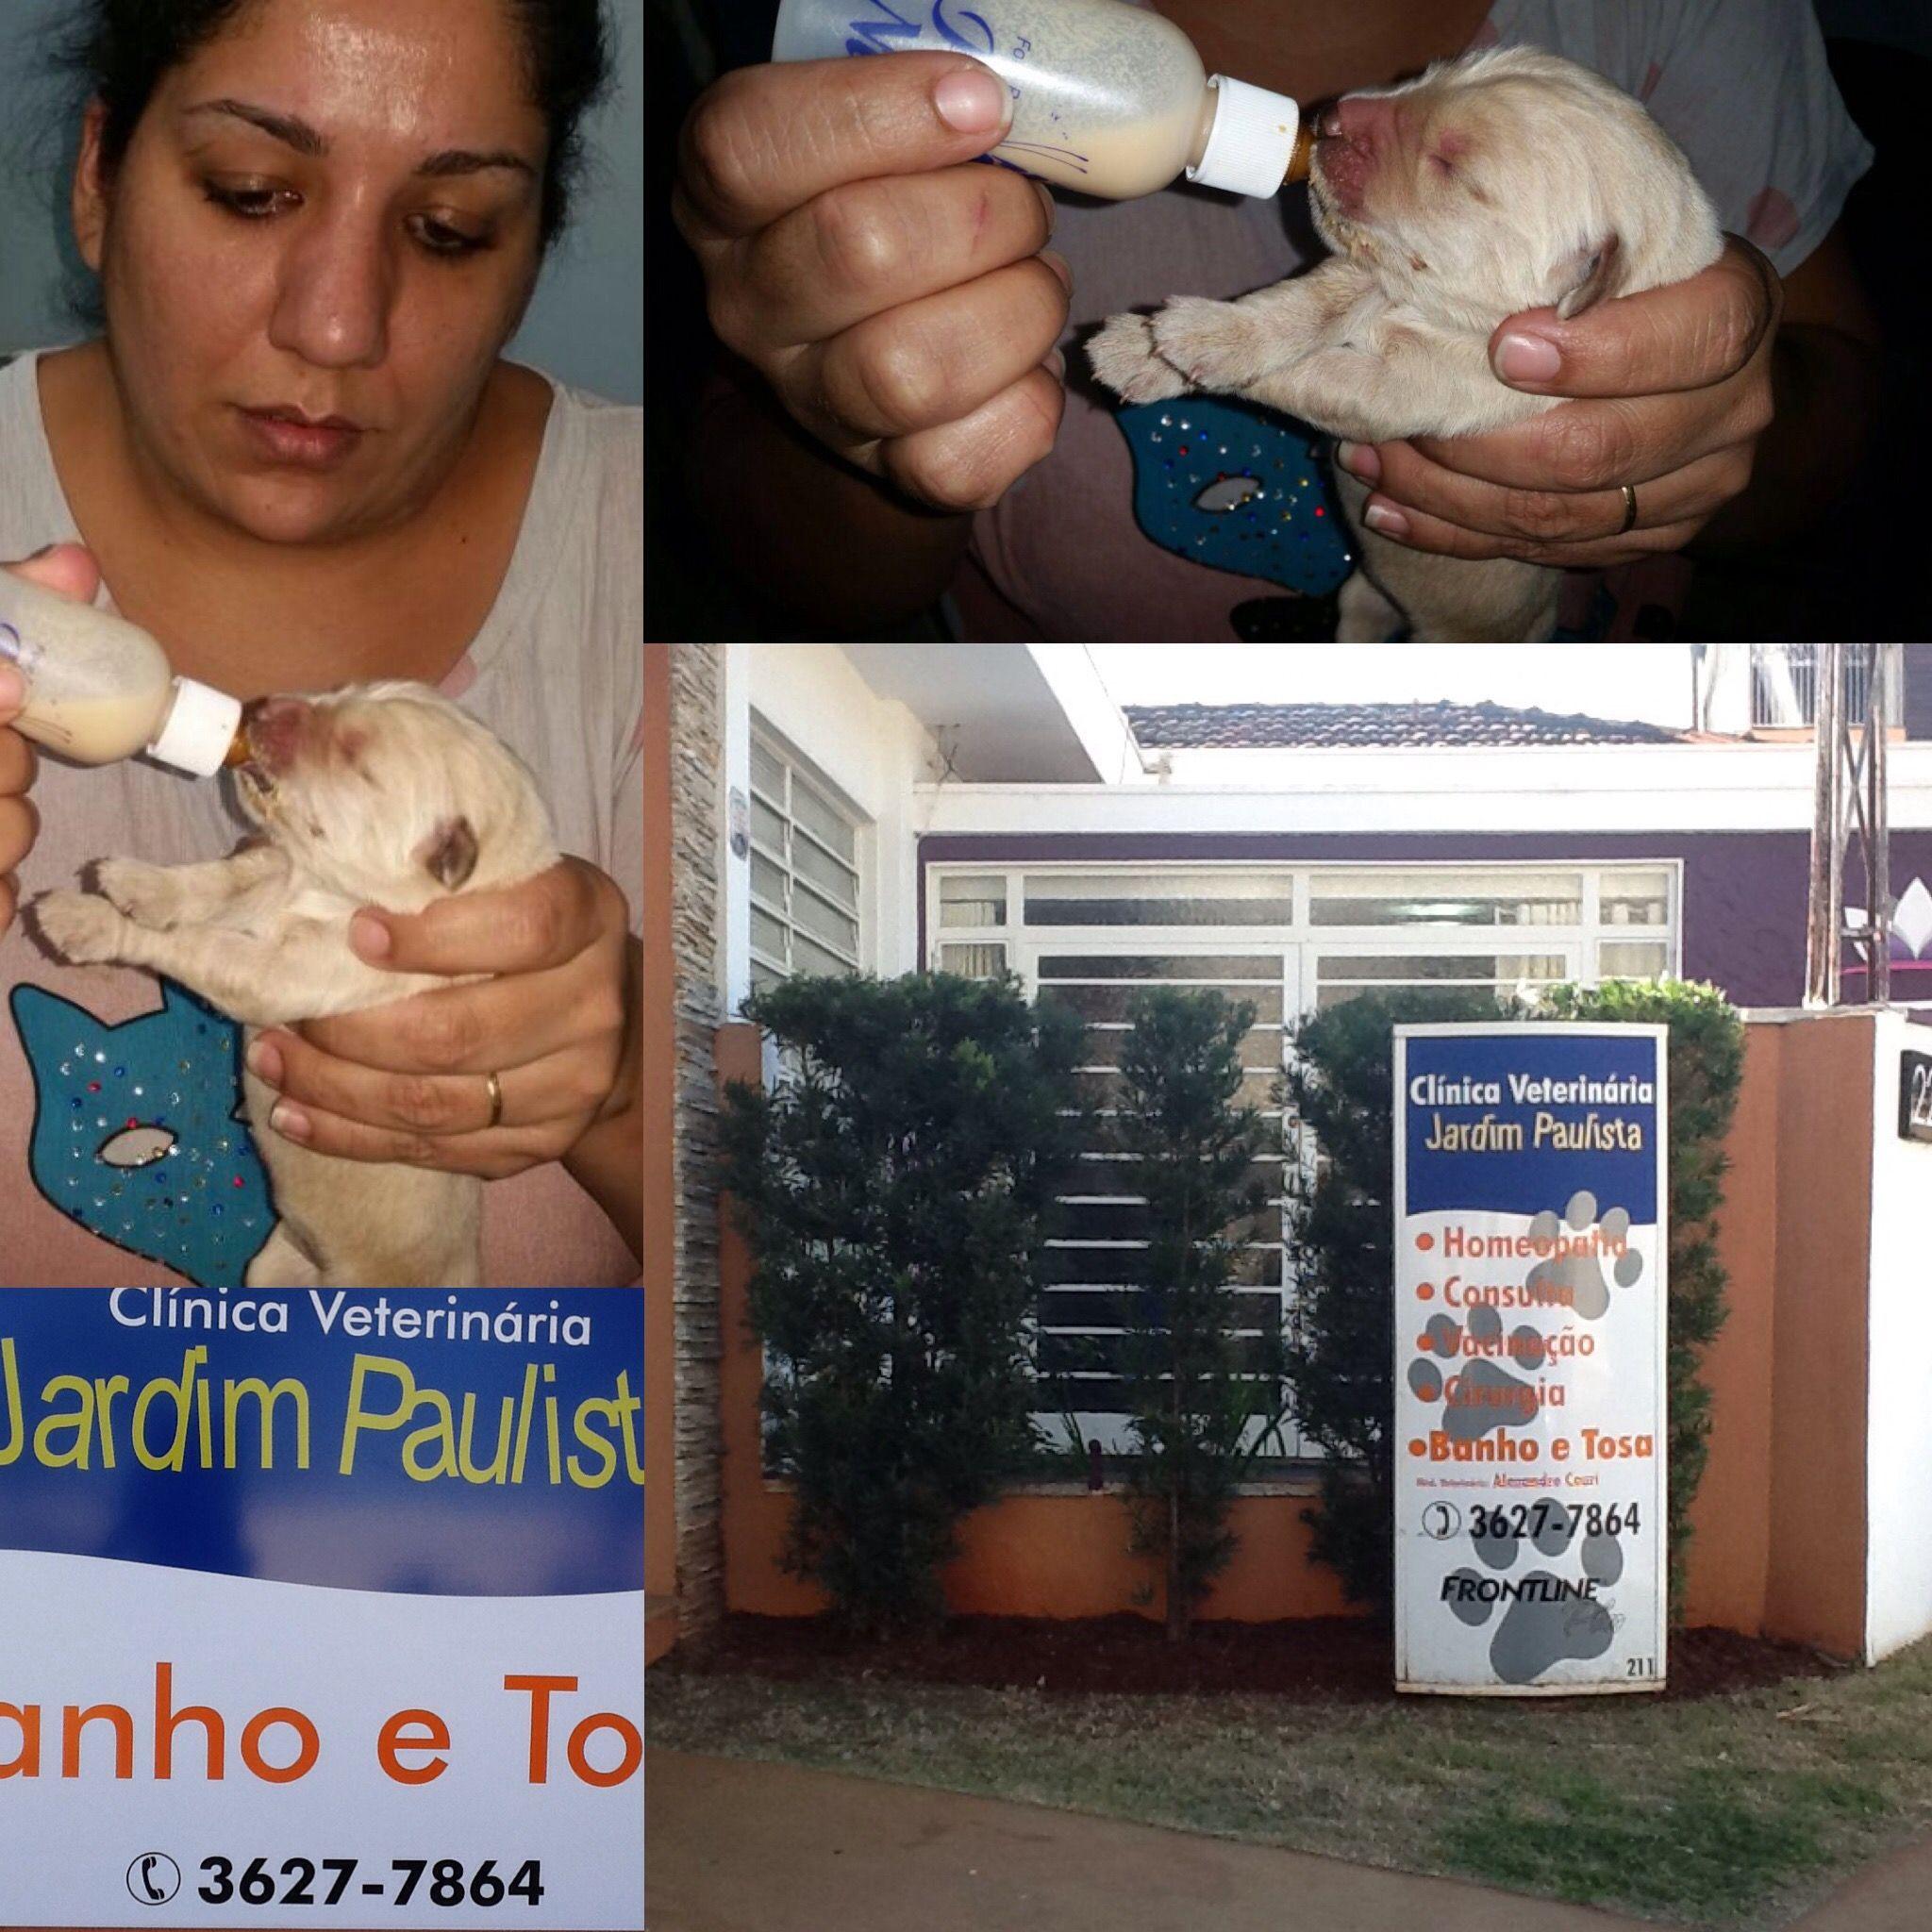 CLÍNICA VETERINÁRIA JARDIM PAULISTA, localizada na cidade de Ribeirão Preto, SP na rua Arnaldo Victaliano, 211 #veterinaria #pets #petshop #clinicas #medicina #medvep2015 #ribs #ribeiraopreto #saopaulo #saosimao #franca #barretos #batatais #rifaina #loveit #cravinhos #serraazul #sertaozinho #brodowski #pirassununga #araras #araraquara #dogs #doglovers #dogsofinstagram